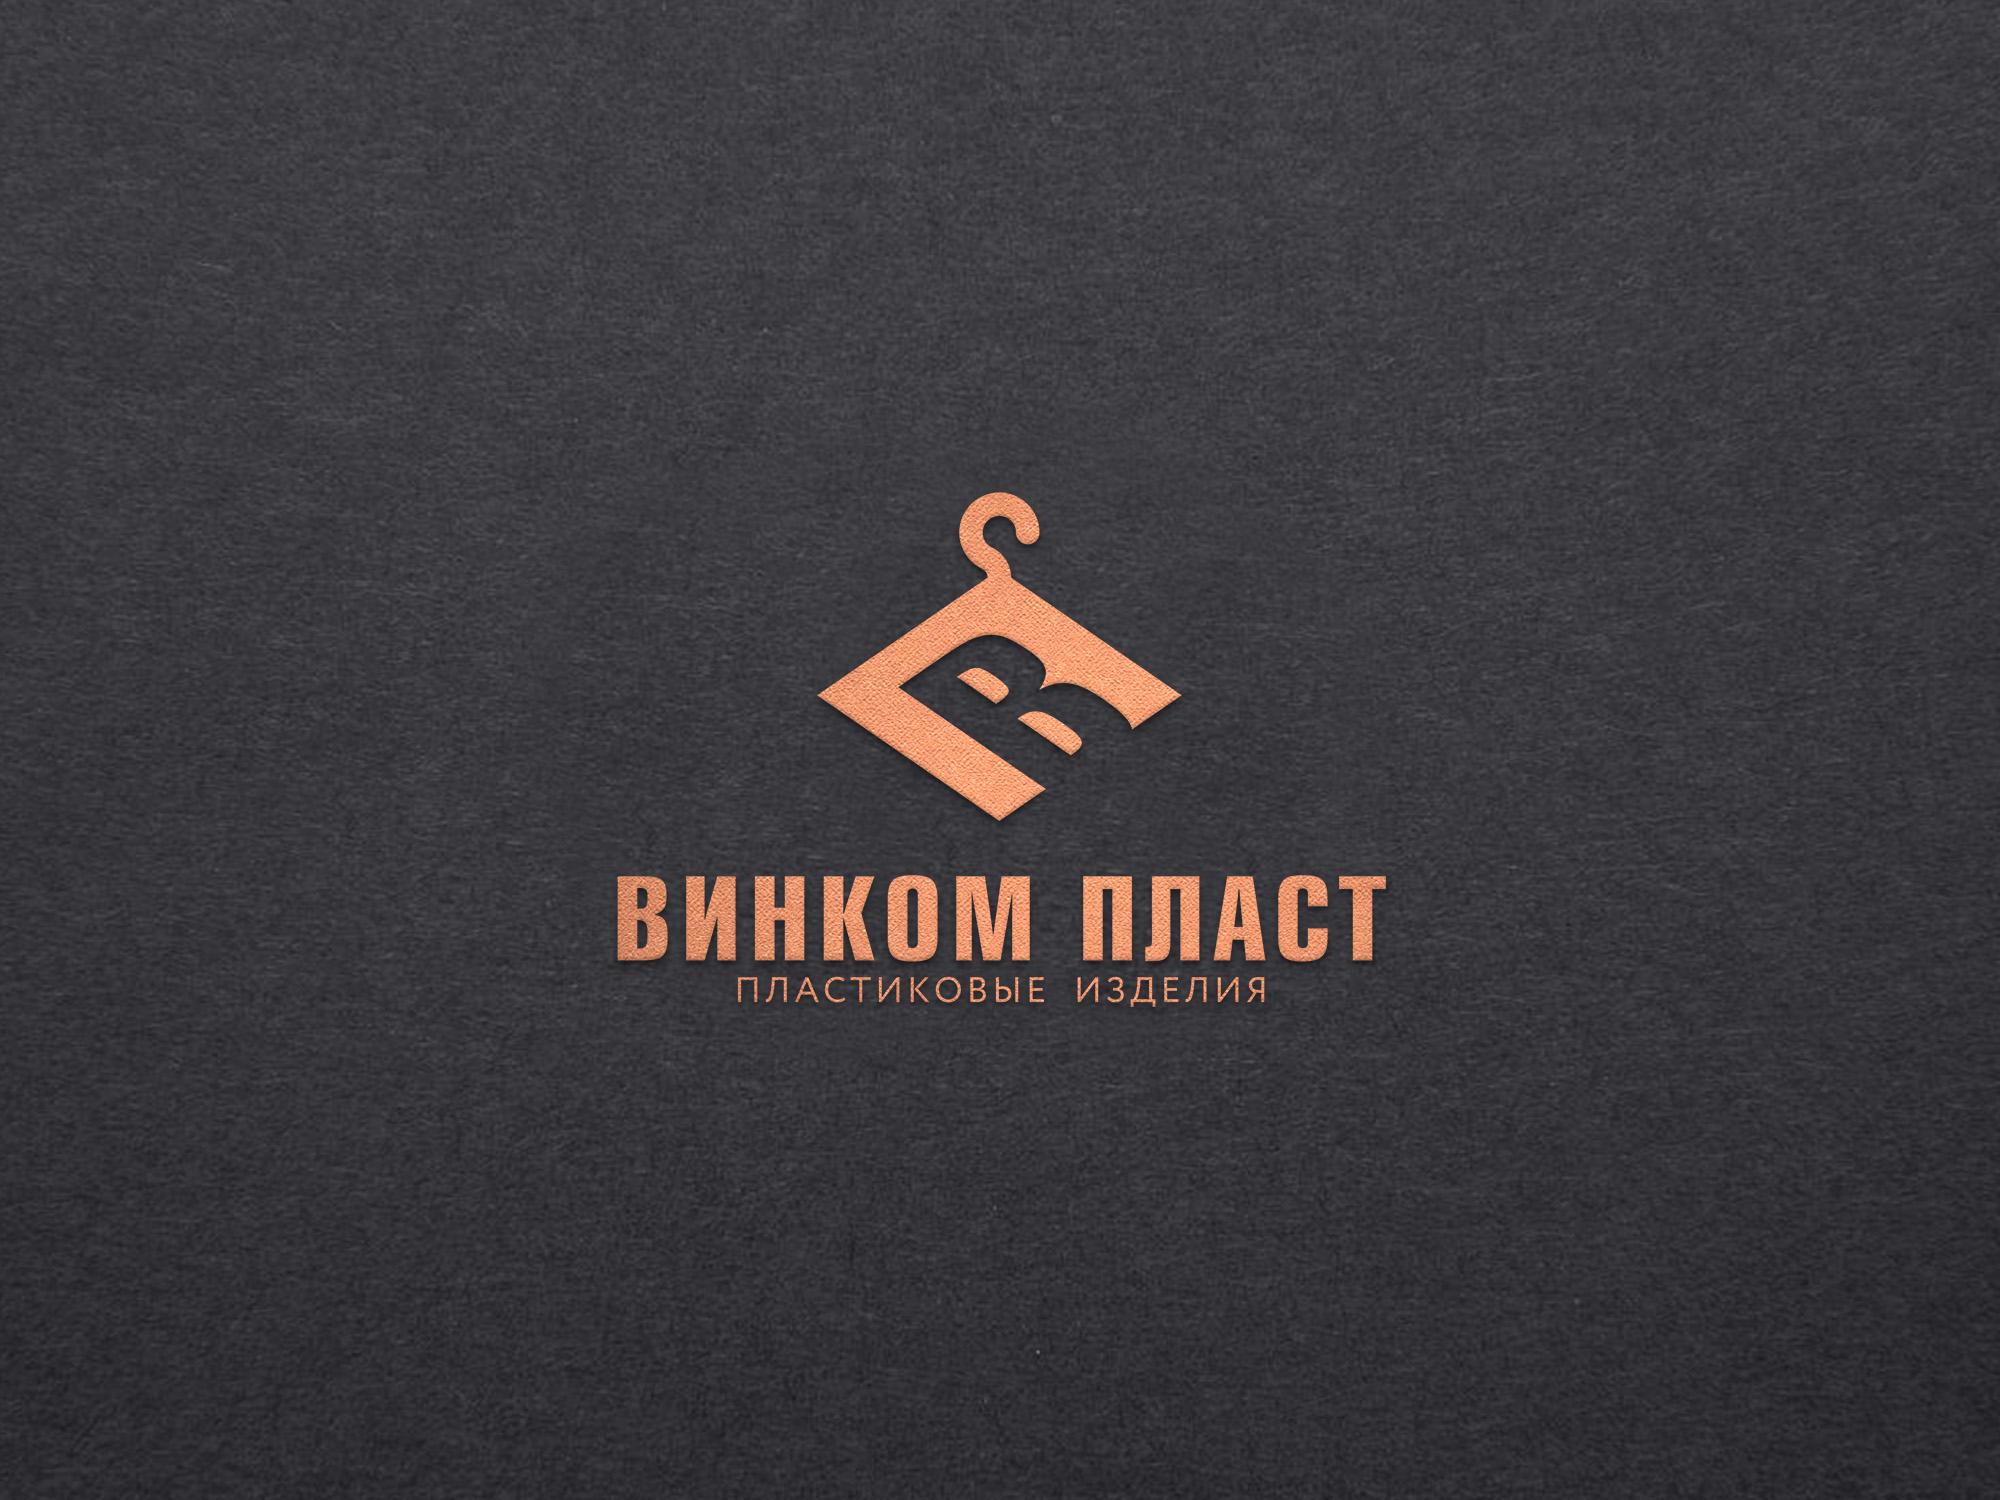 Логотип, фавикон и визитка для компании Винком Пласт  фото f_2765c36dd99c04cd.jpg